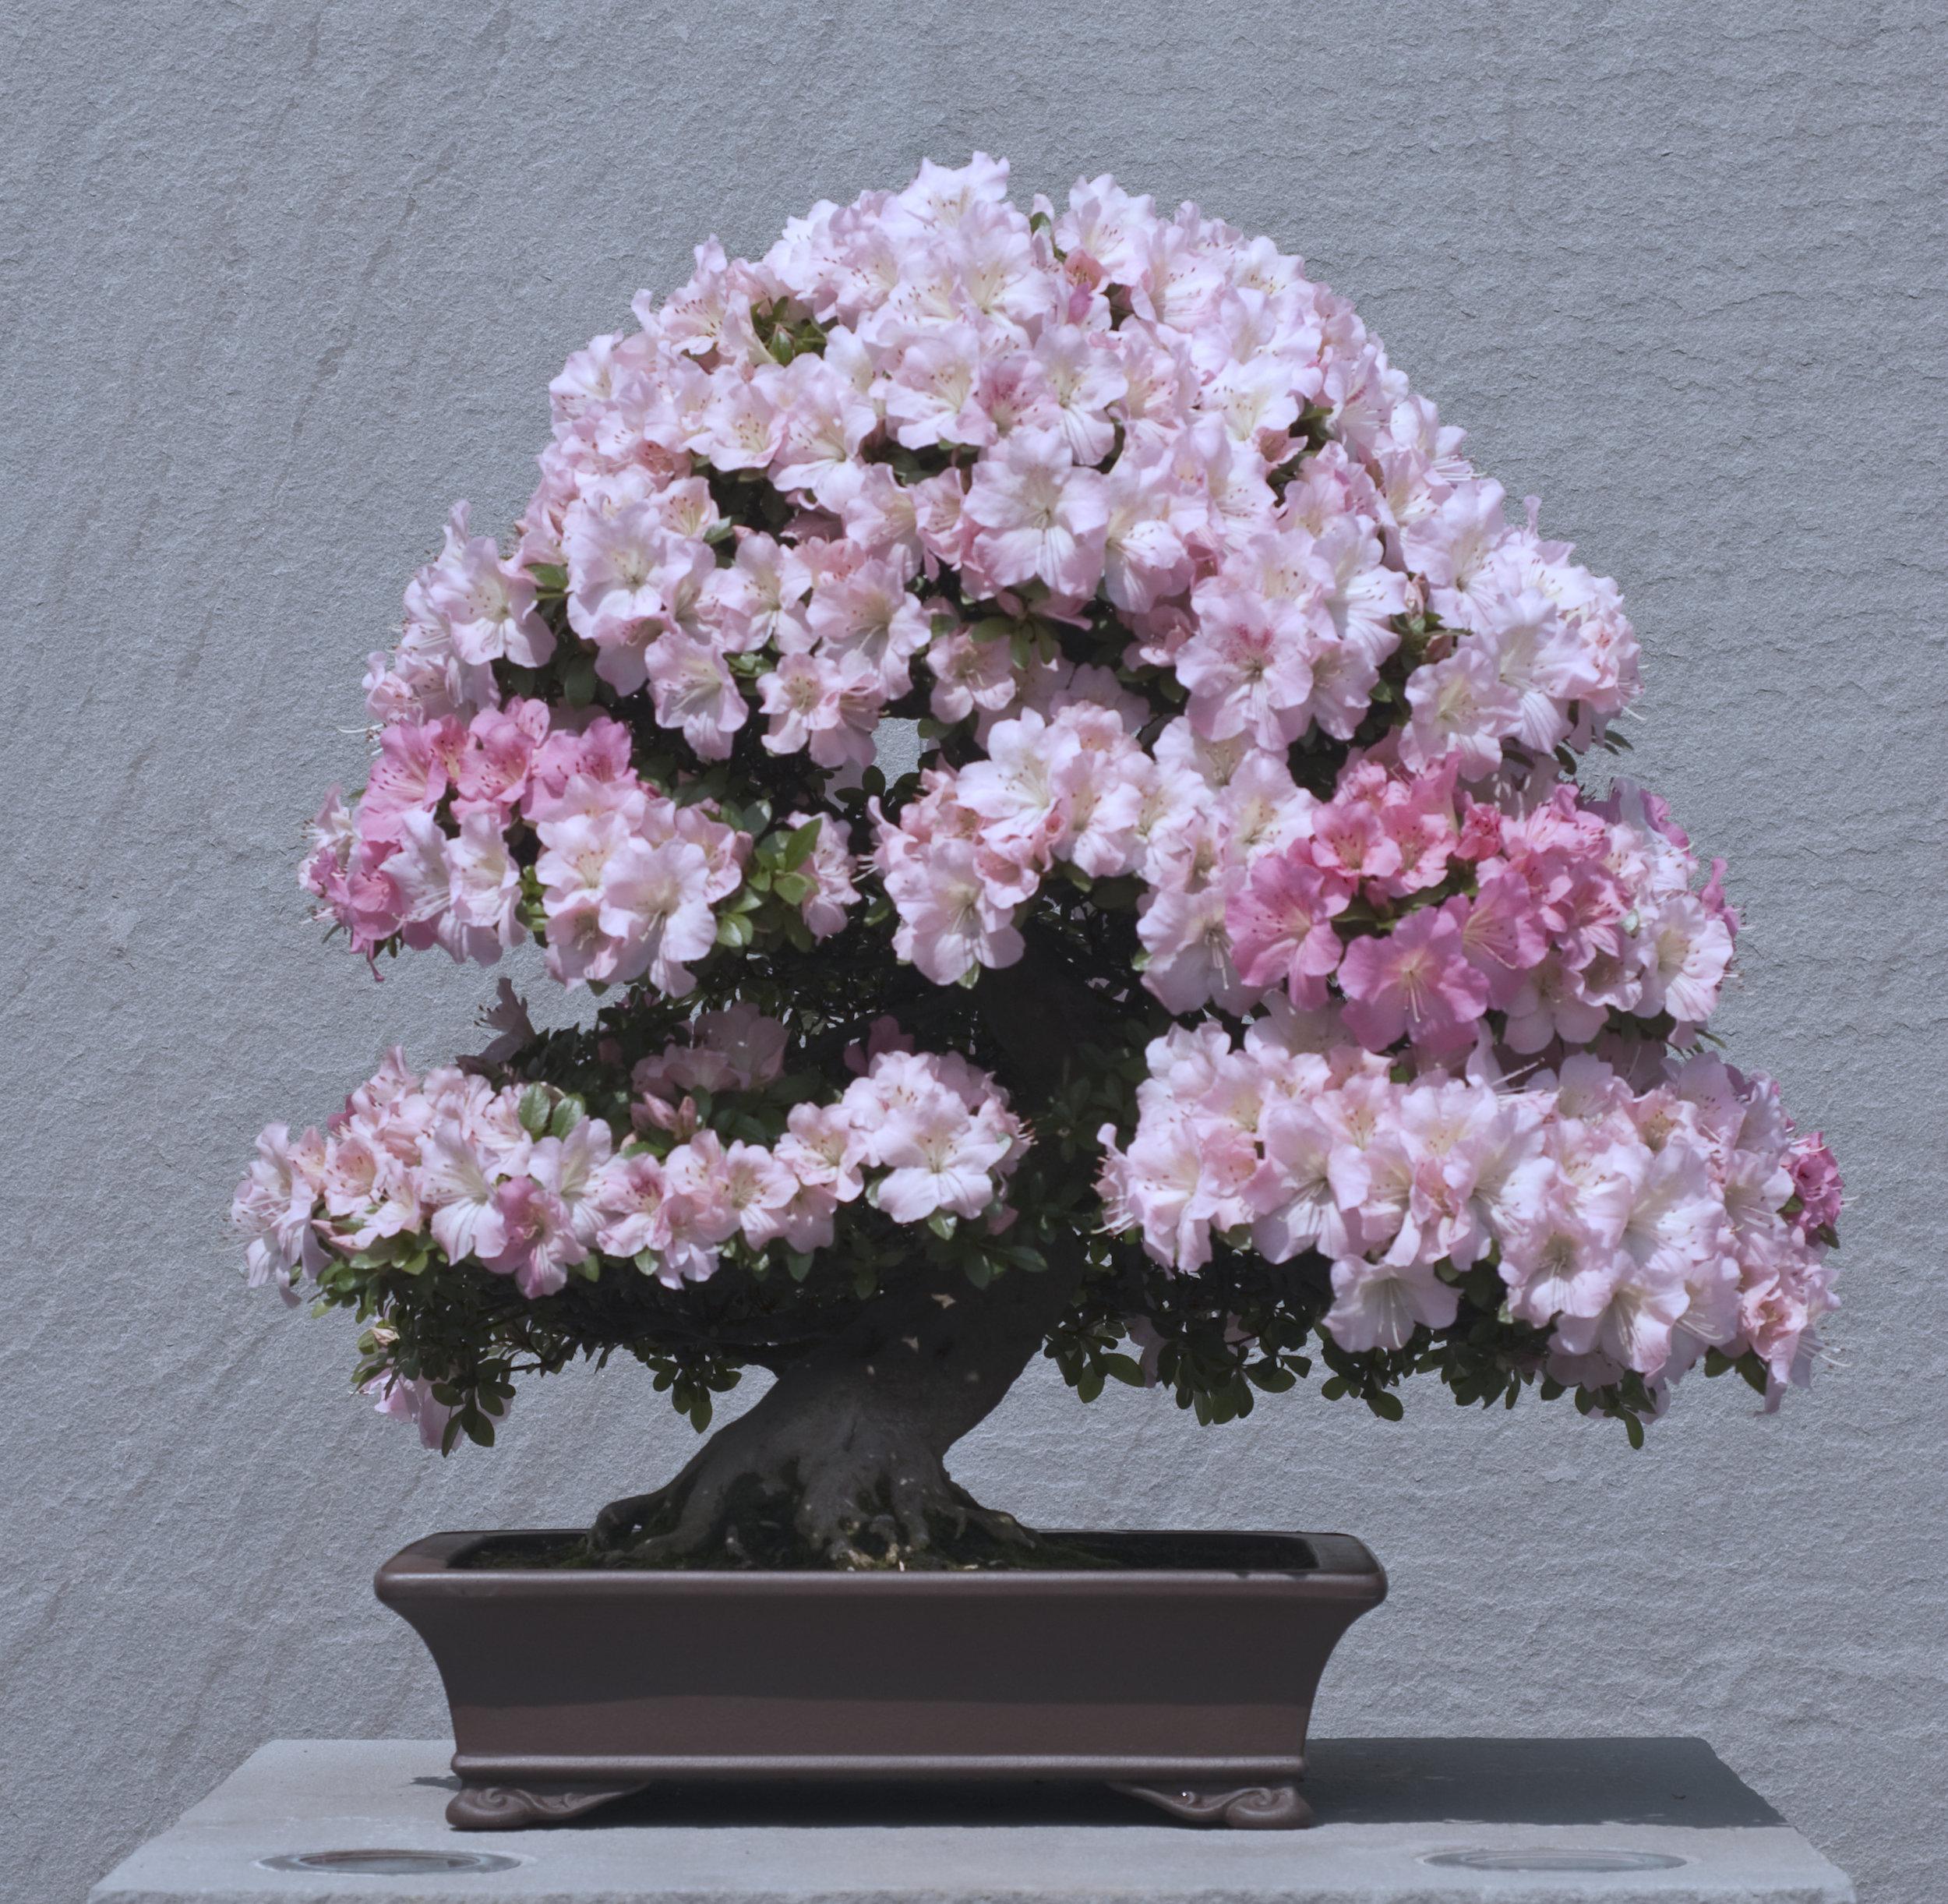 Satsuki azalea 'Gyoten'